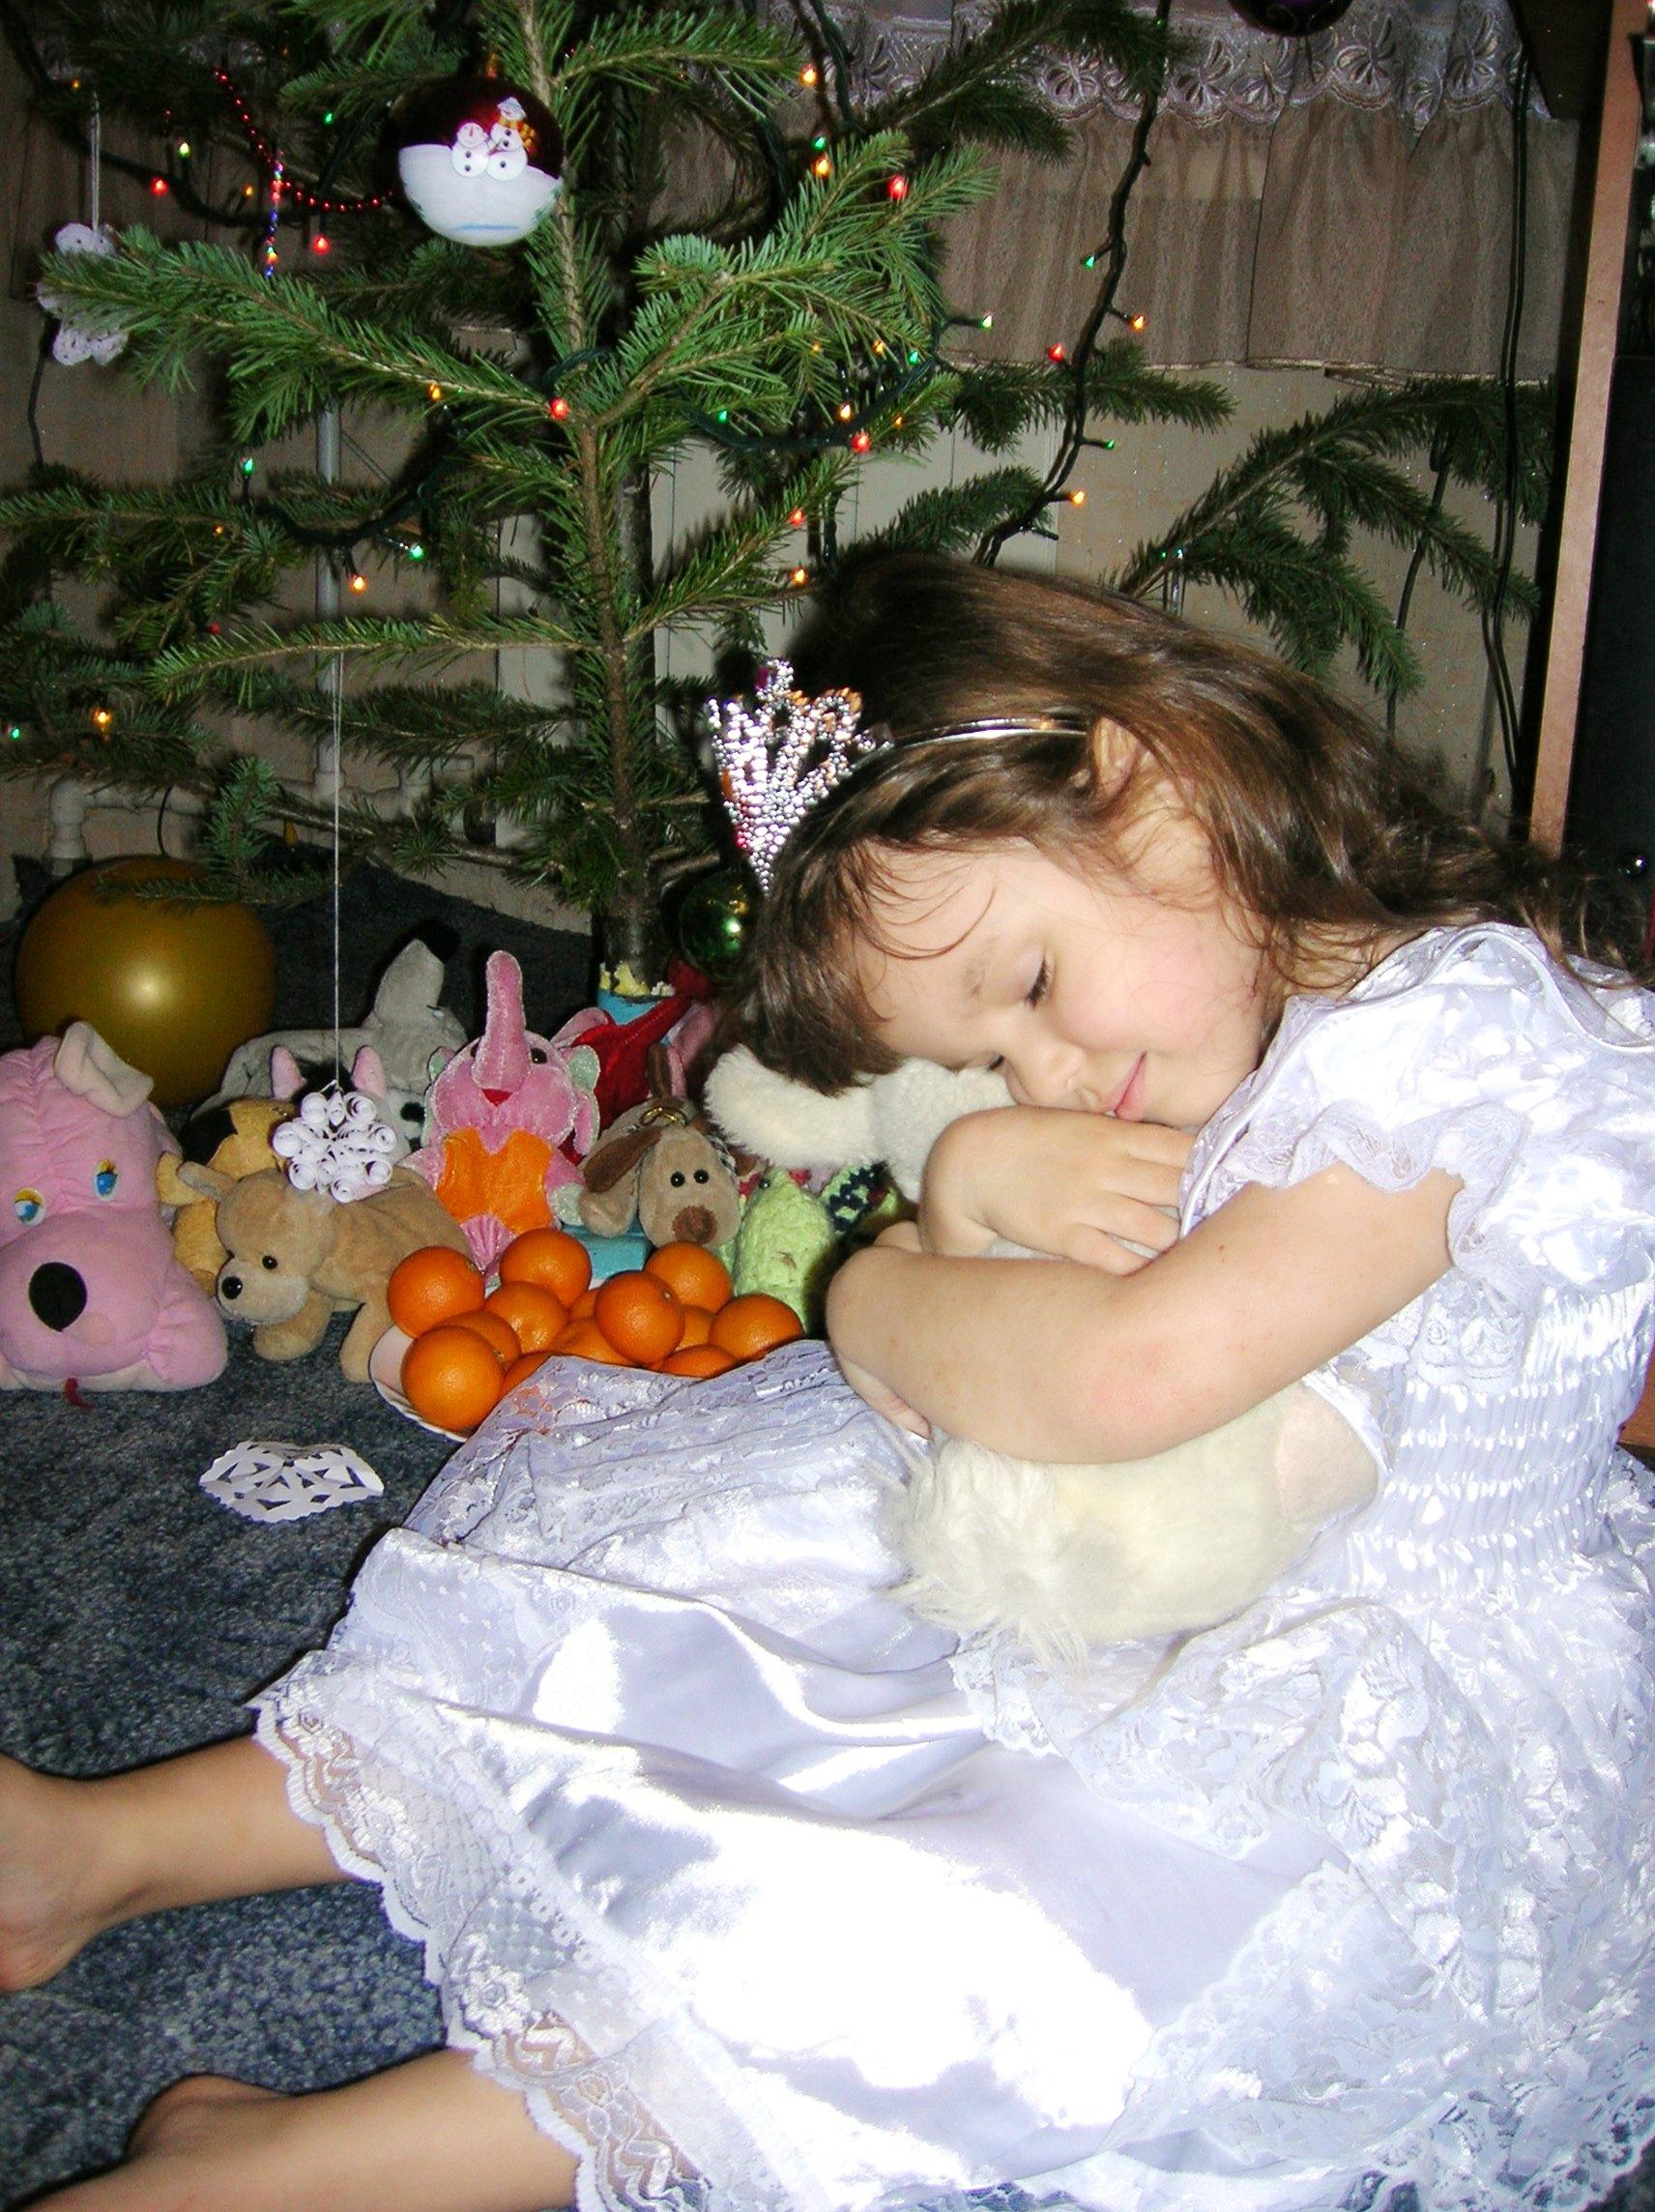 Алиса в стране чудес и белый кролик. Новогодний карнавал